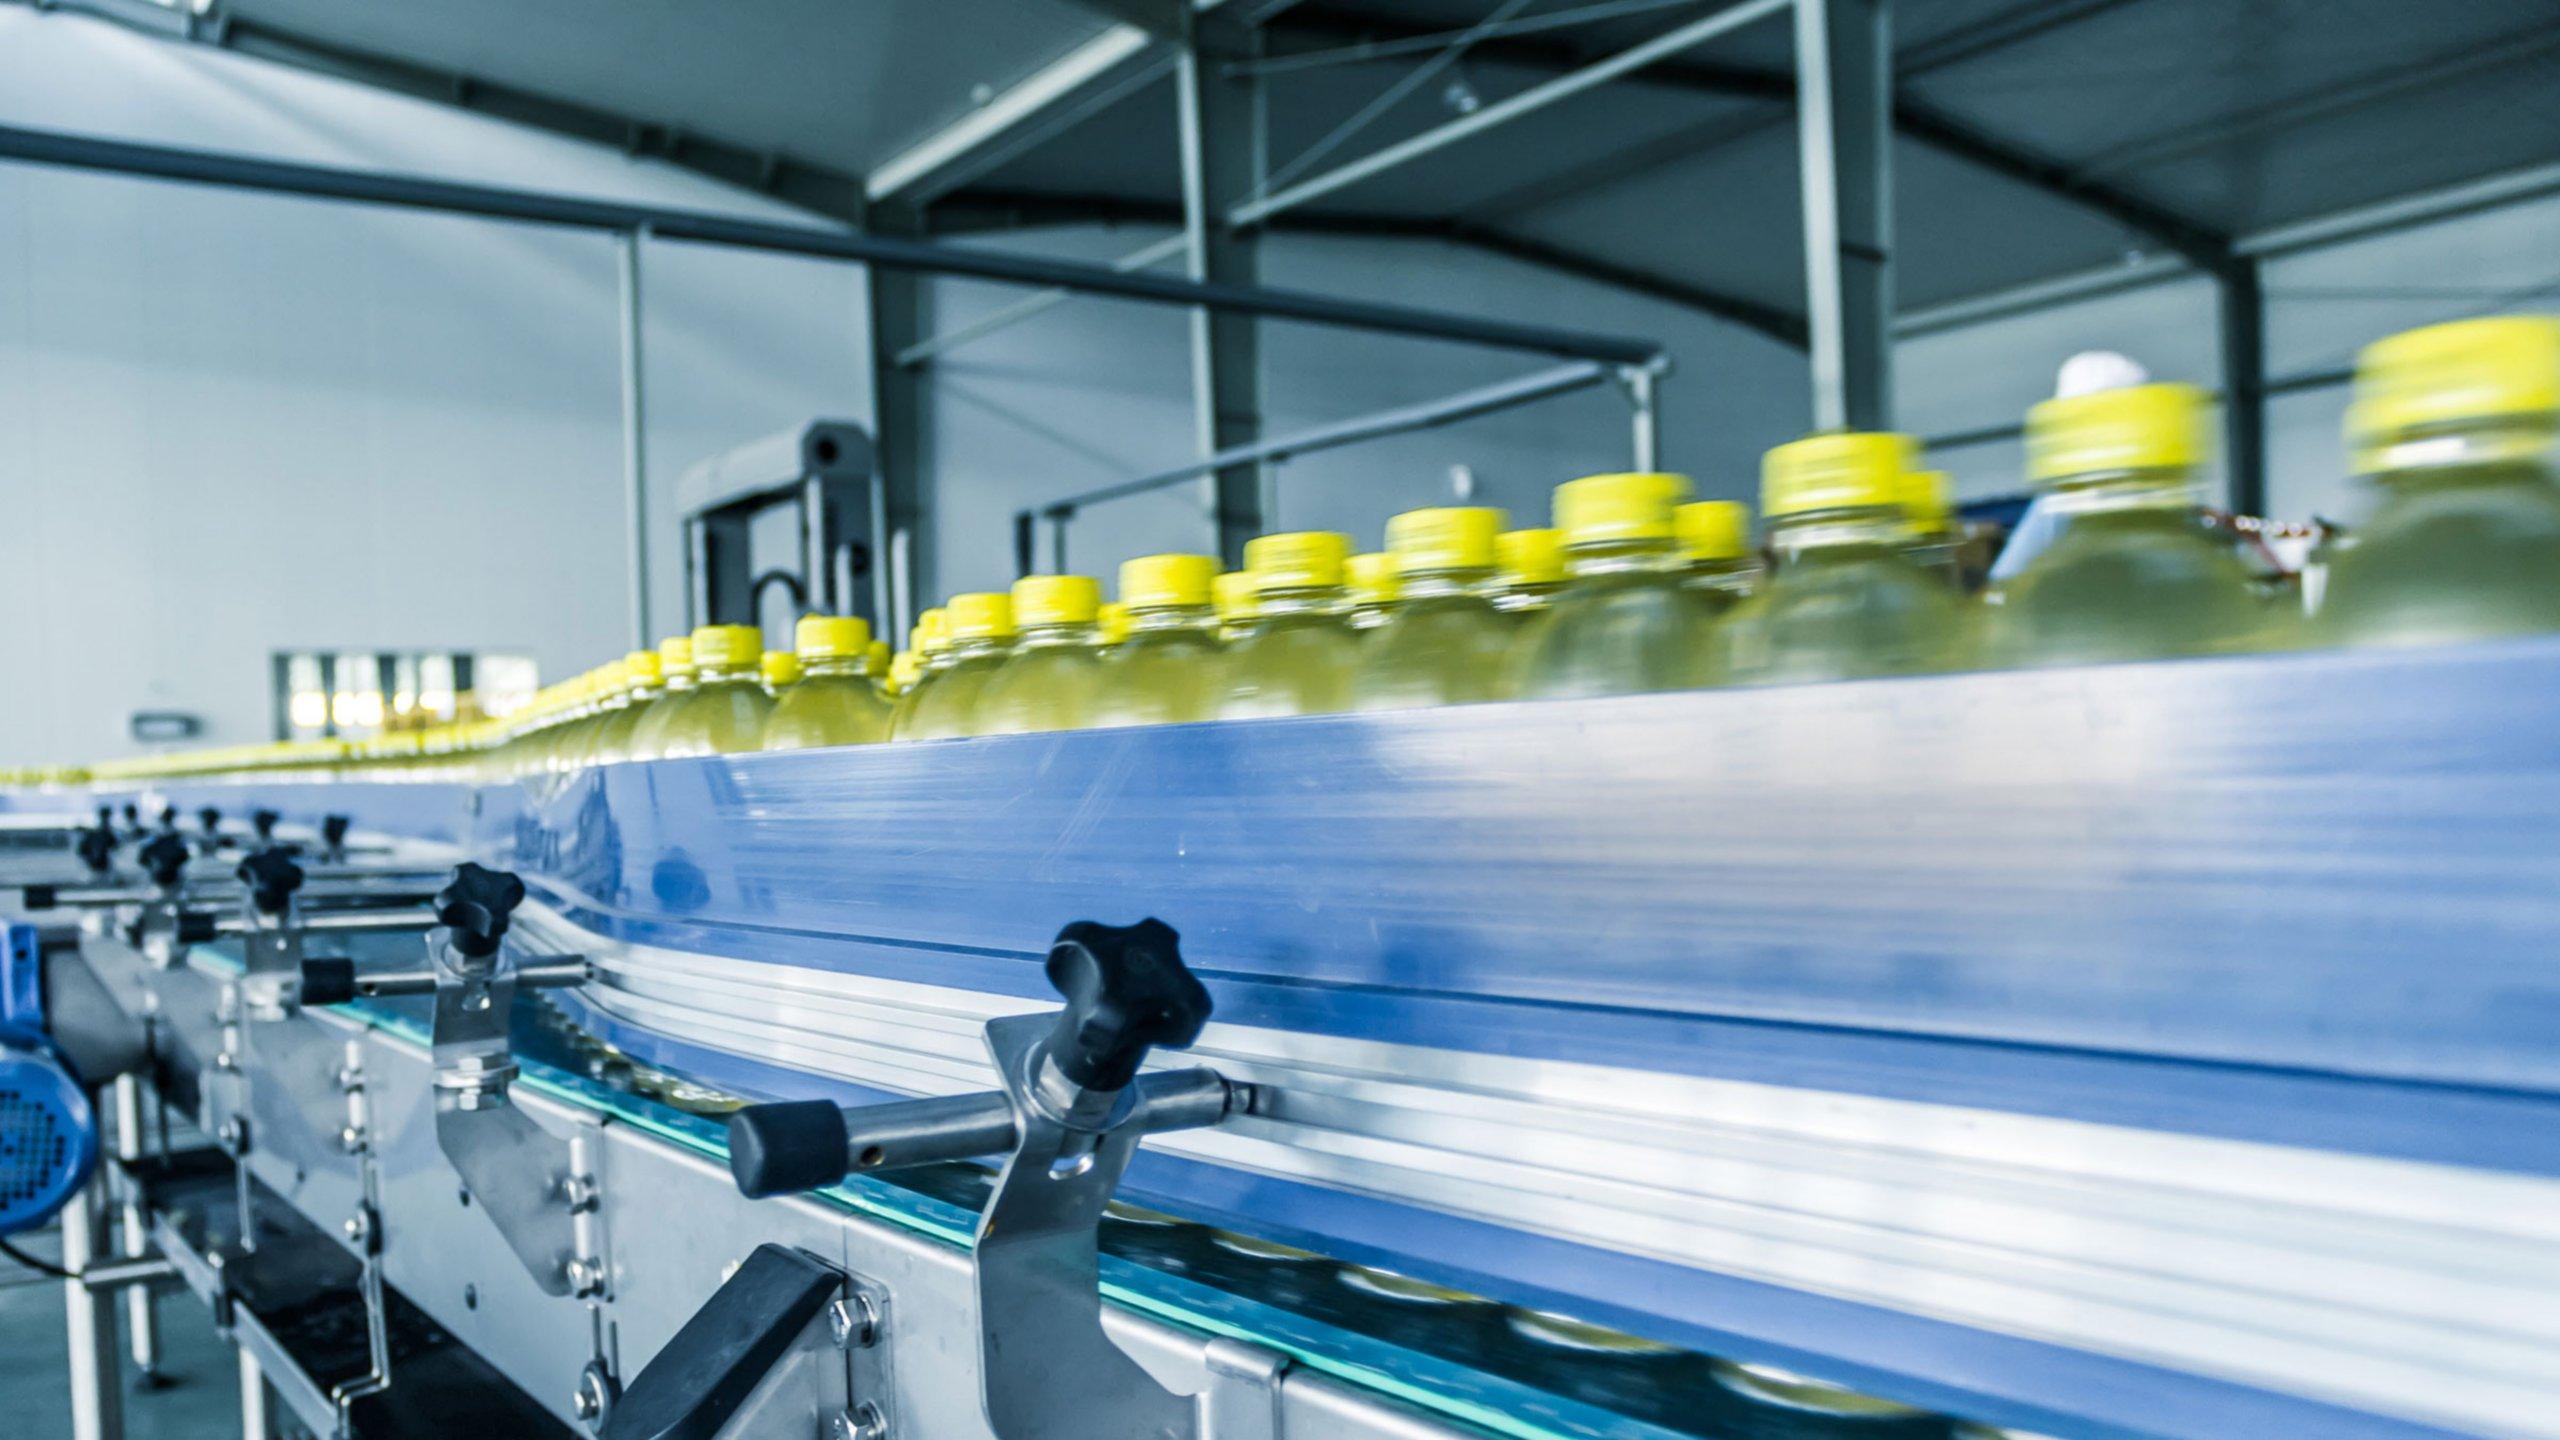 Productielijn met flessen met gele doppen die over een lopende band worden getransporteerd